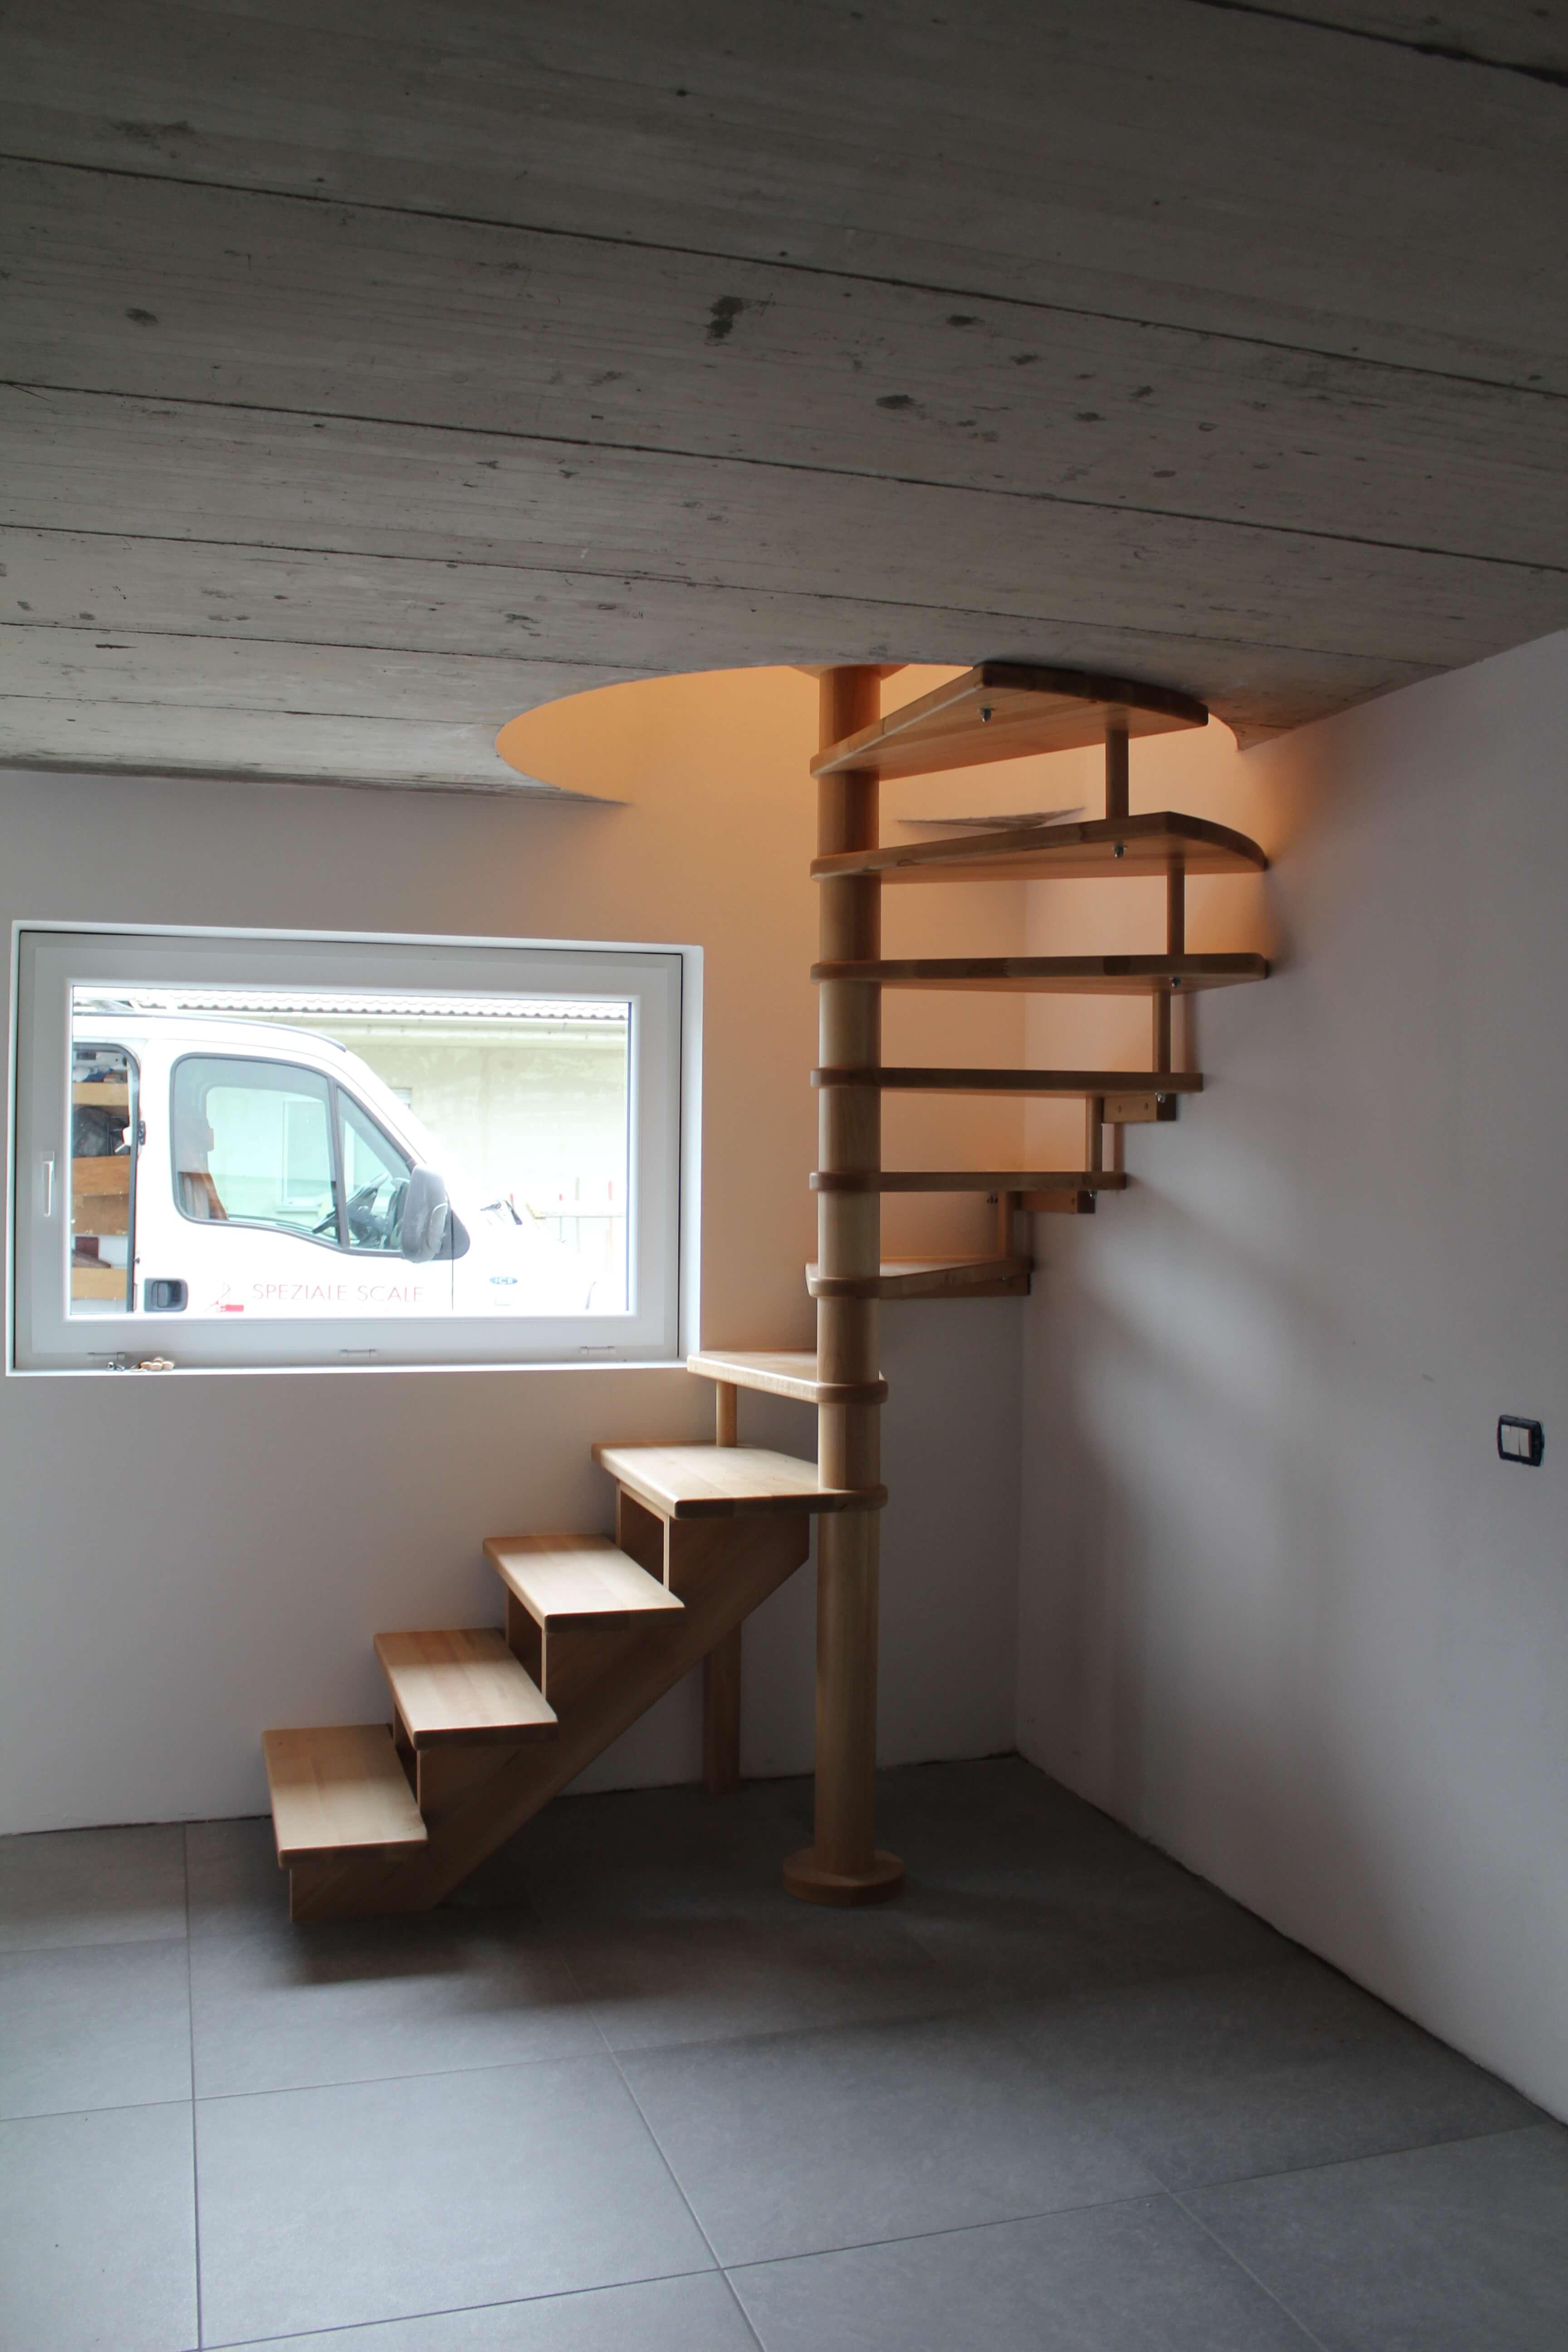 Dimensioni Scale A Chiocciola Quadrate come rubare poco spazio alla casa: la scala a chiocciola